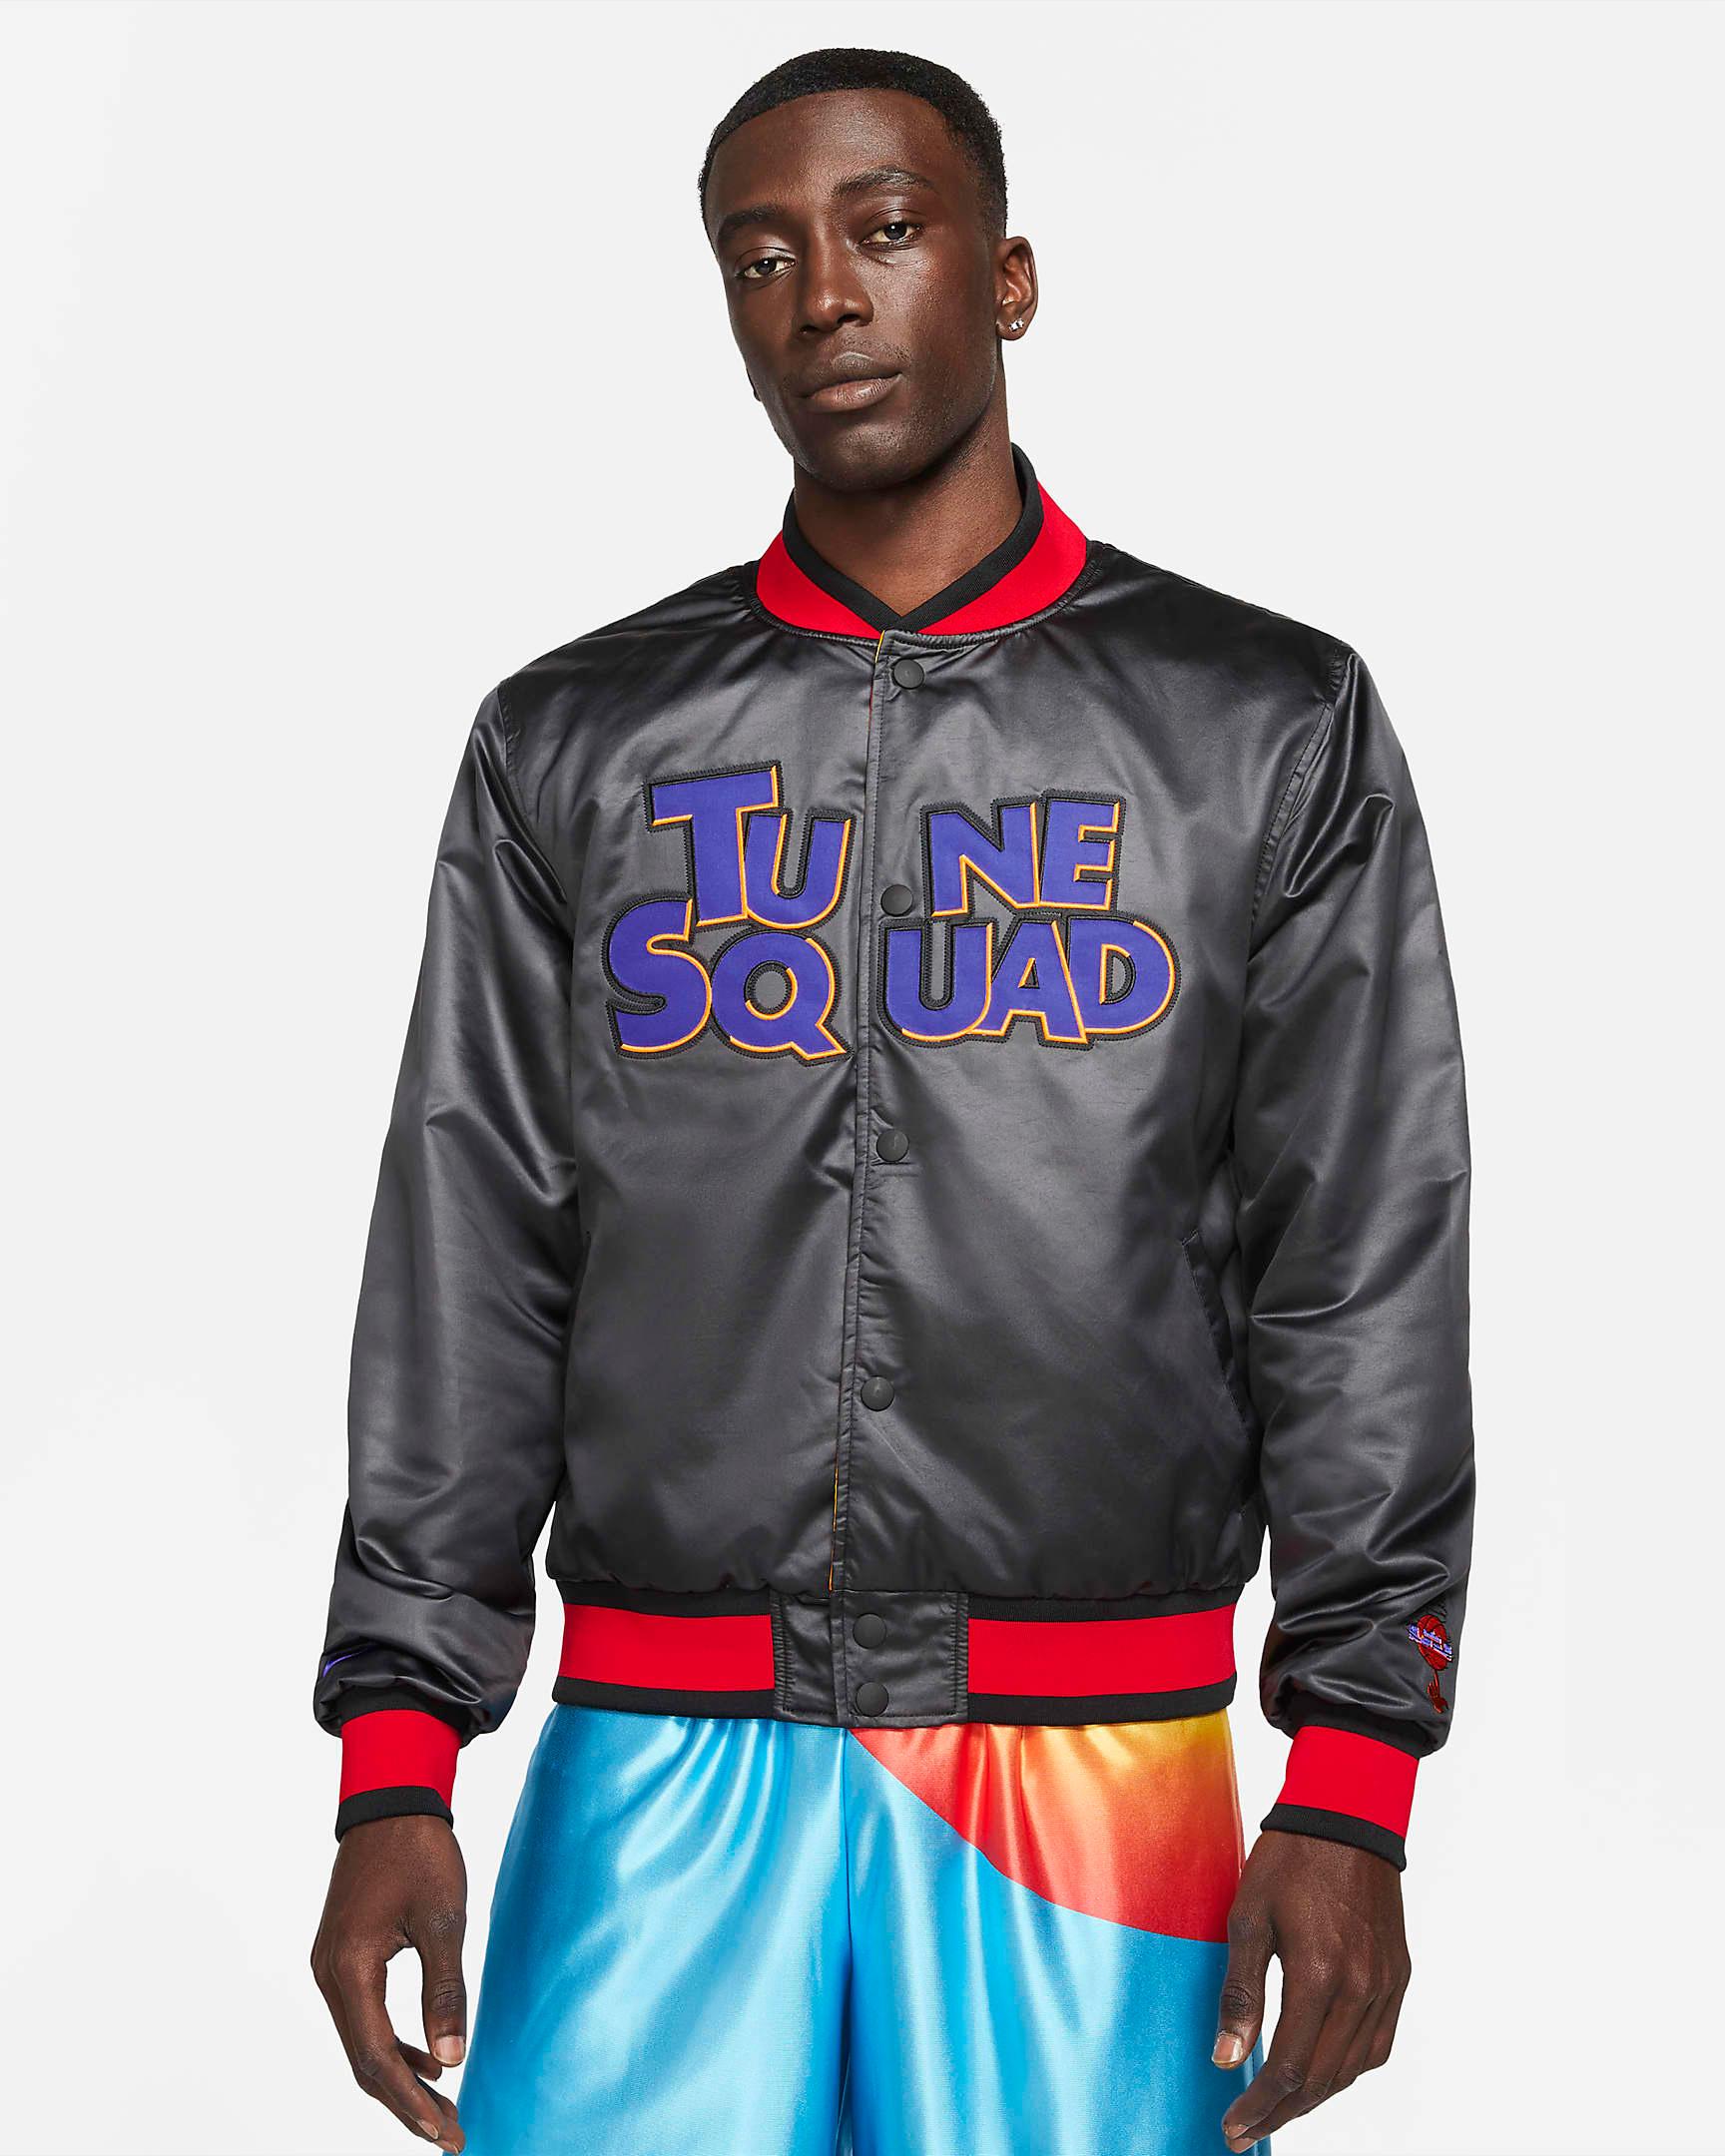 nike-lebron-space-jam-tune-squad-jacket-1